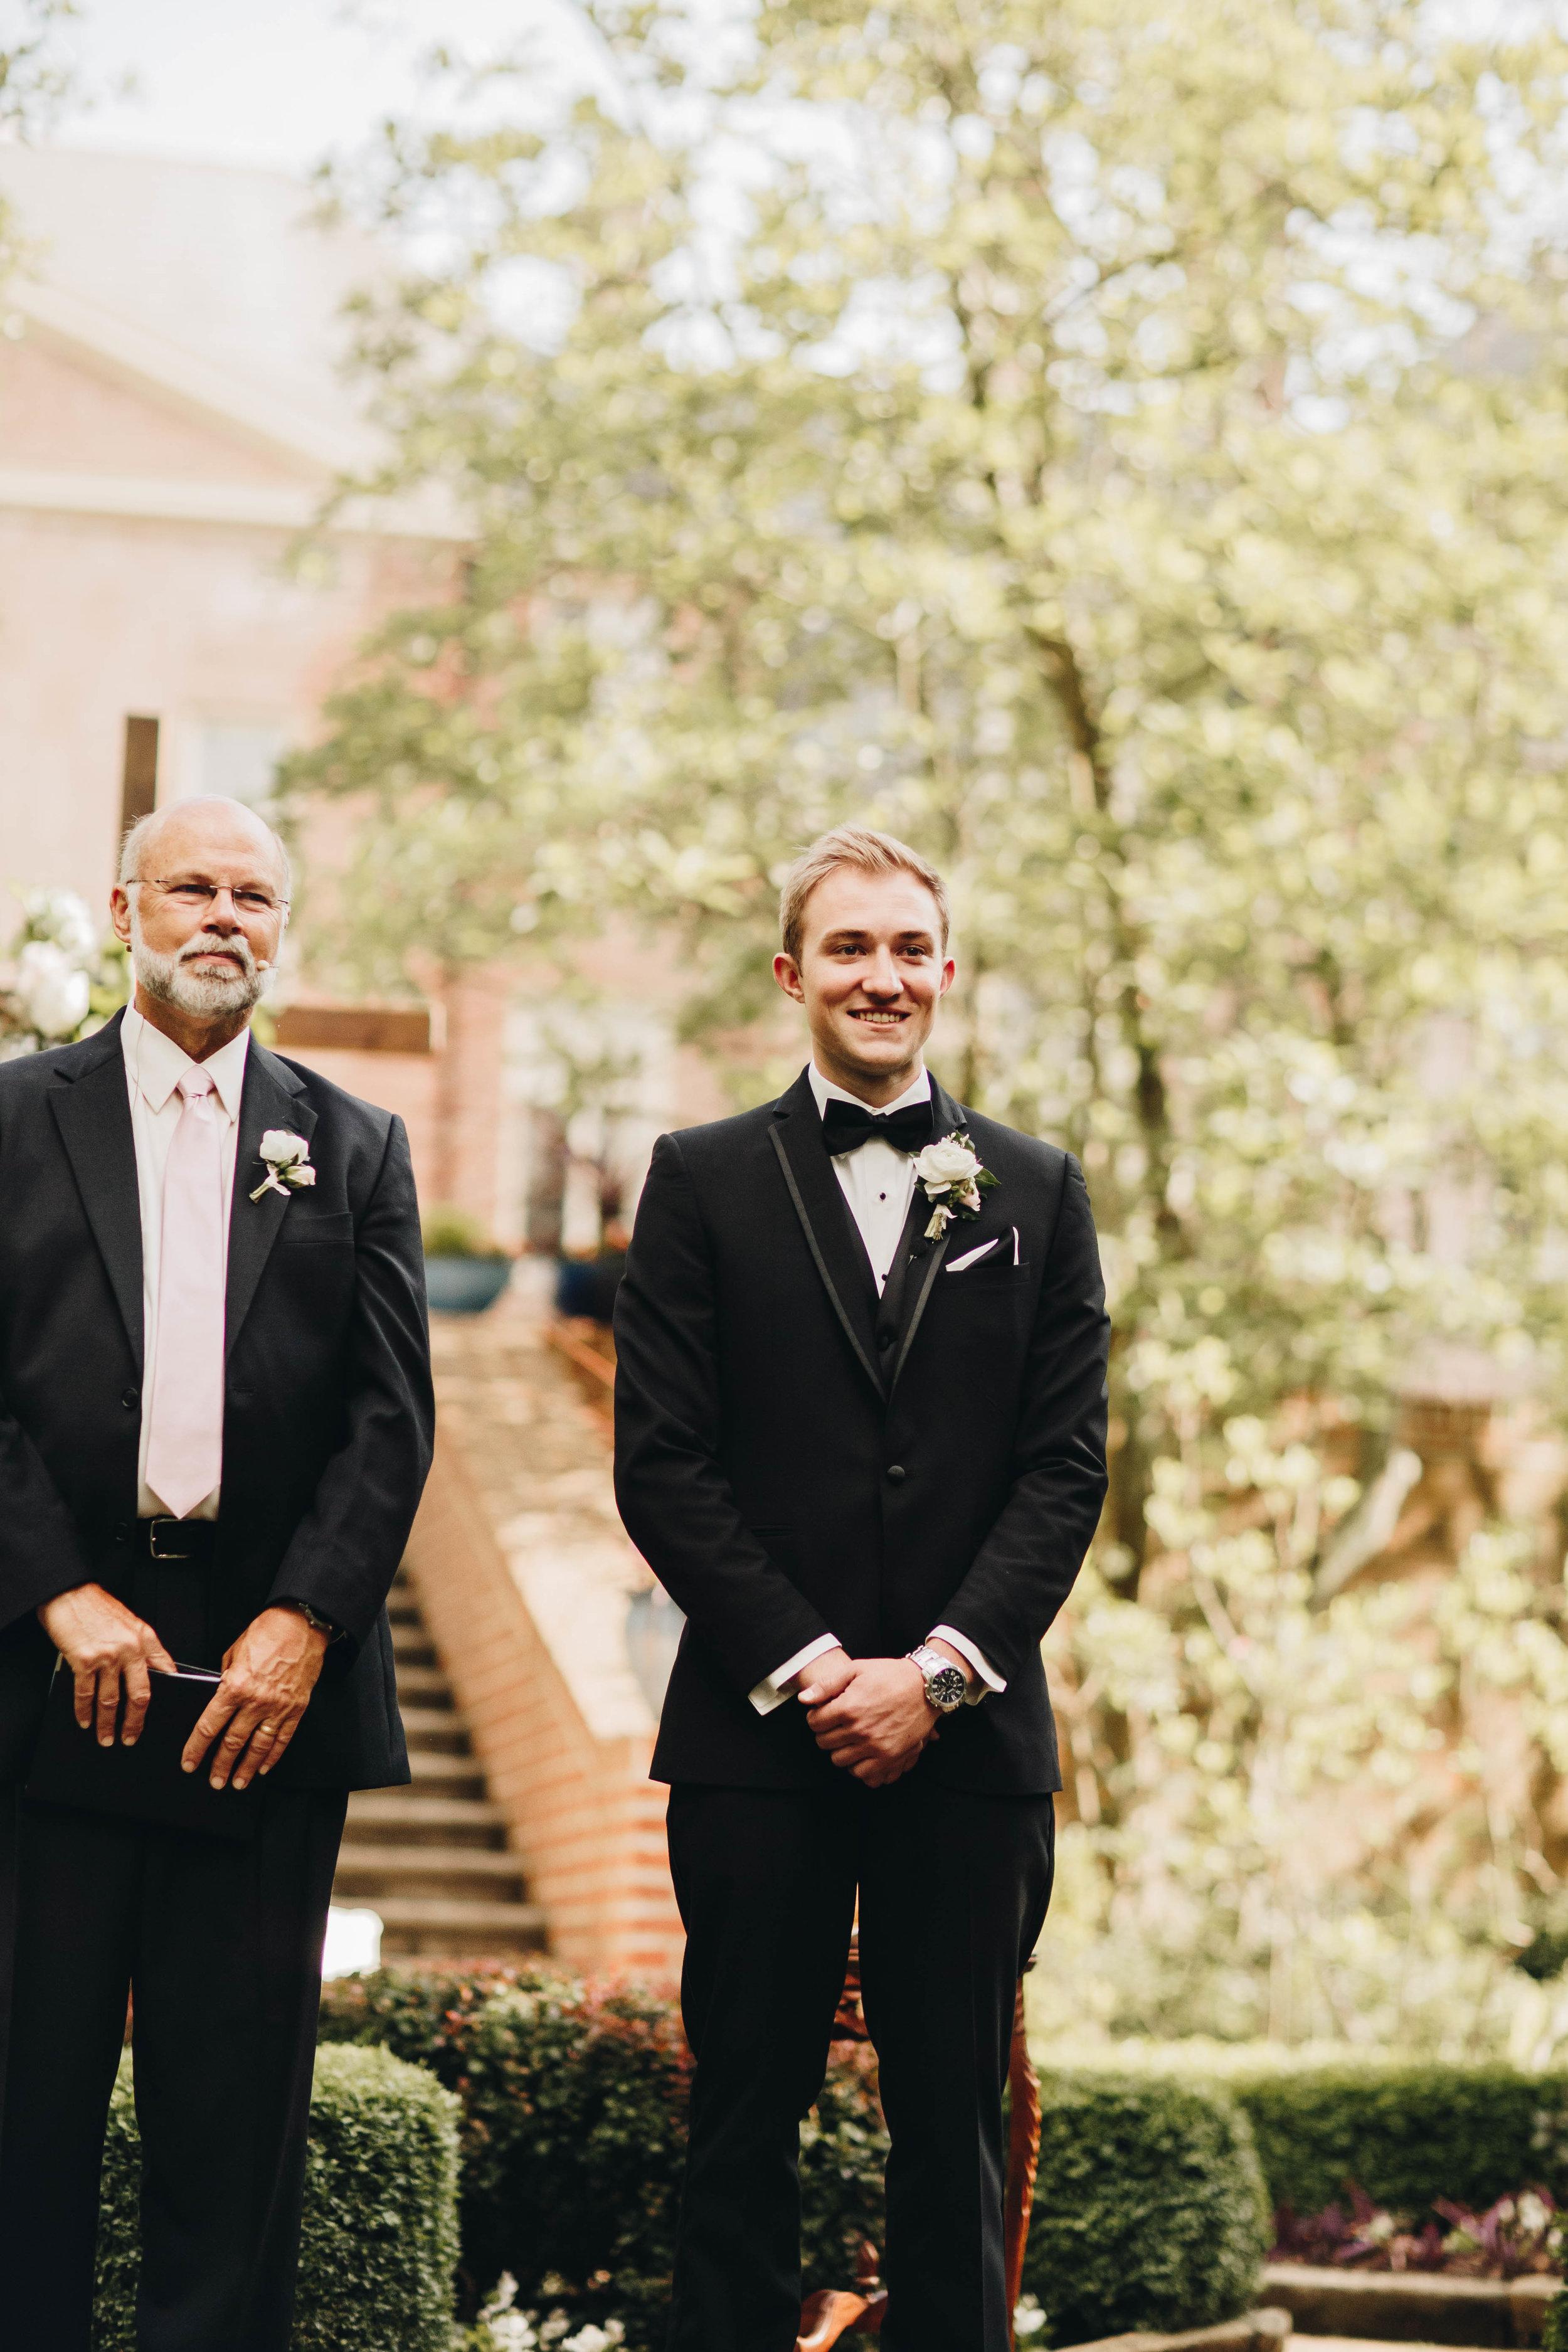 Cincinnati+wedding+photographer-28.jpeg